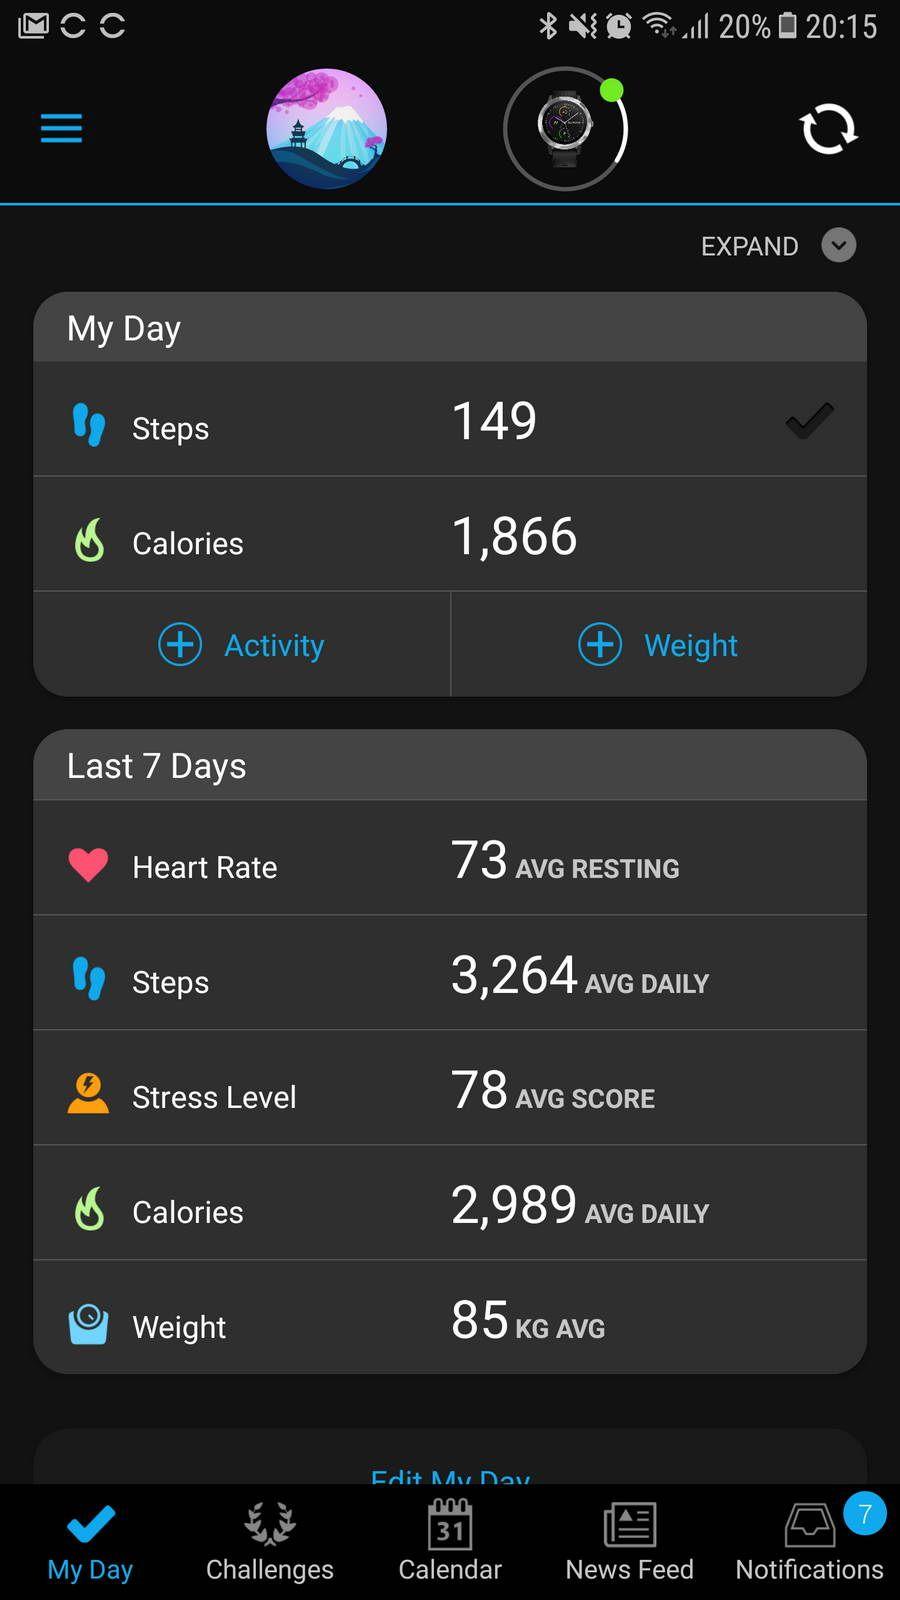 Aplikasi Garmin Connect memberikan informasi lengkap mengenai ringkasan kegiatan yang terekam oleh vívoactive 3.